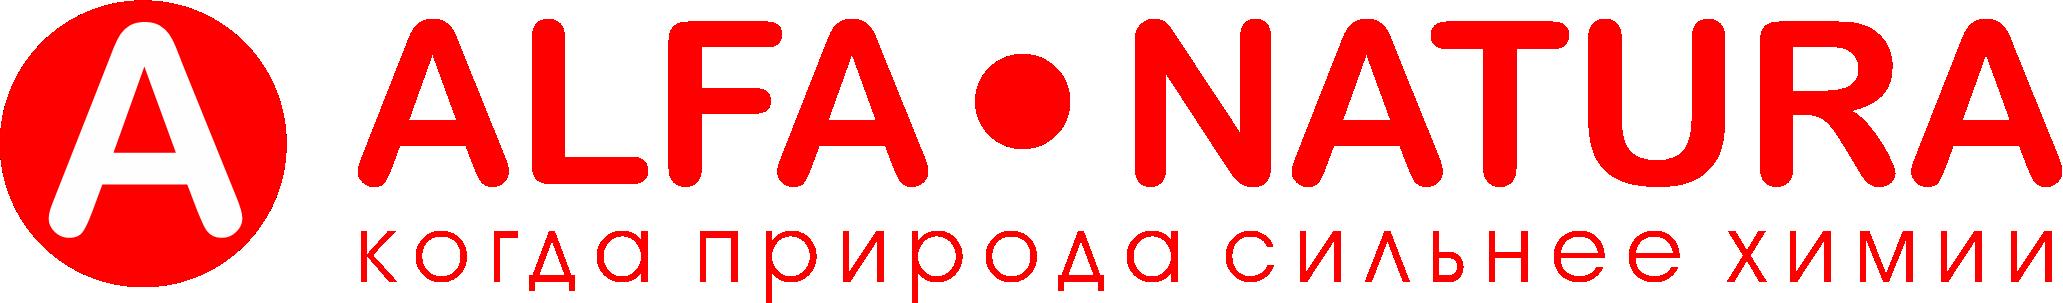 logo_alfa_natura_line